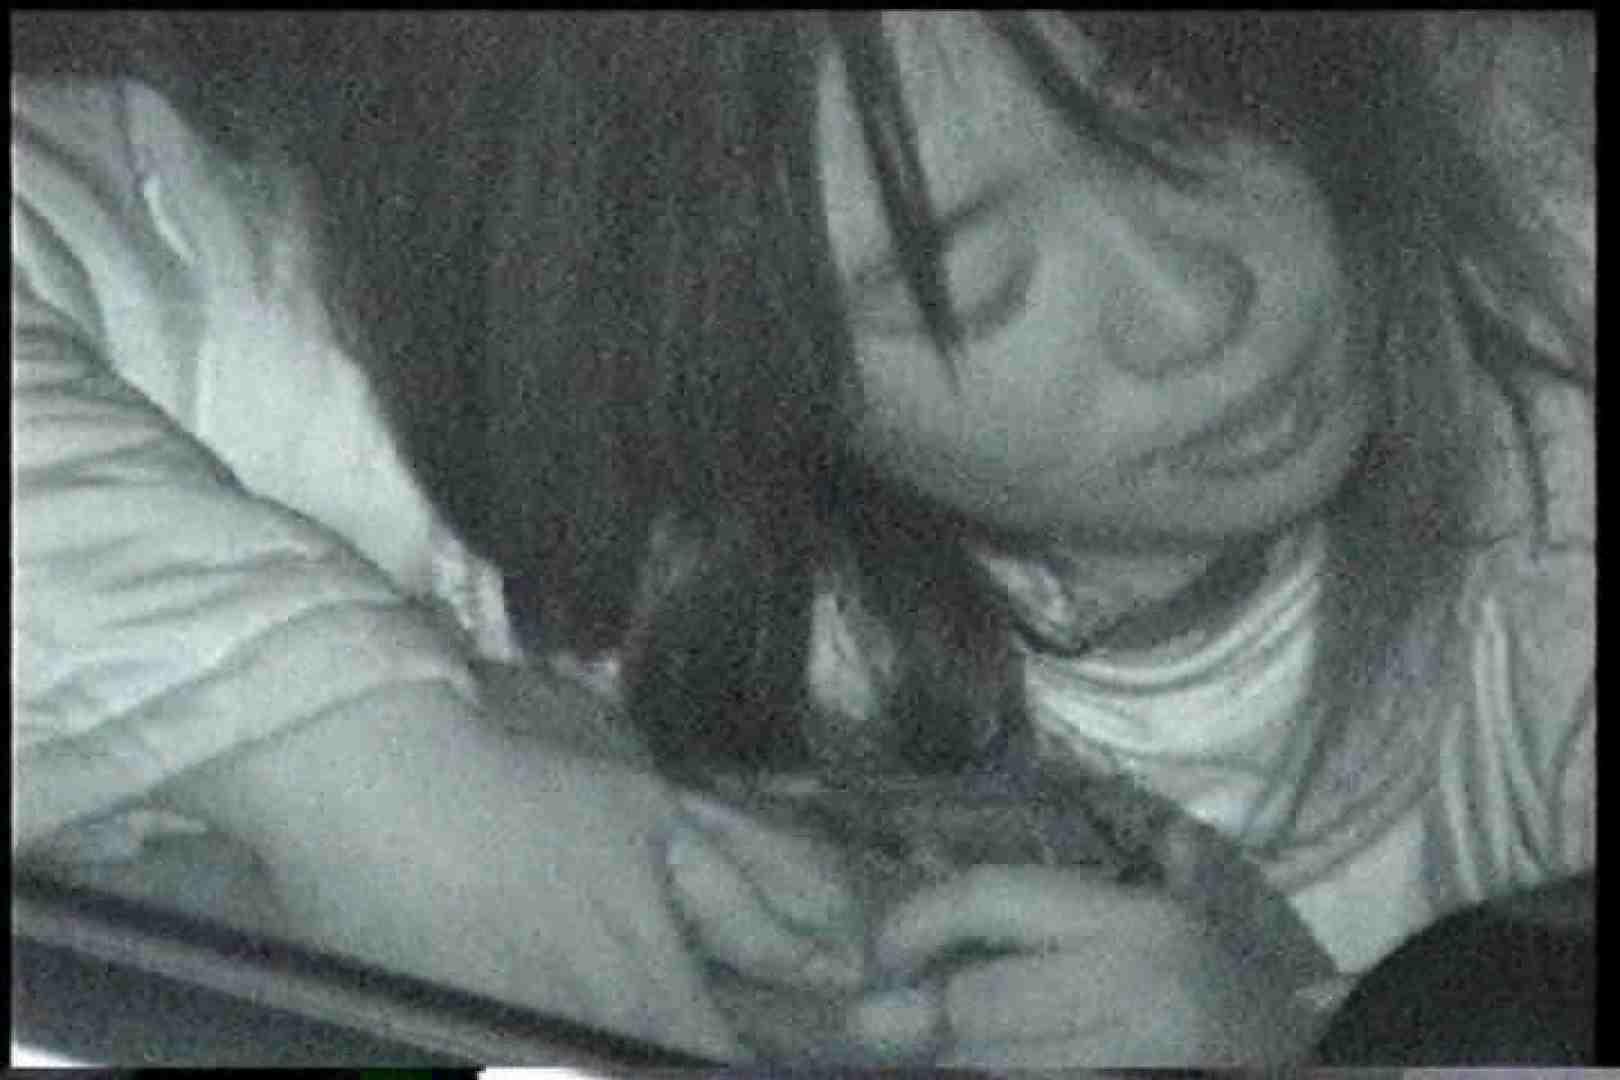 充血監督の深夜の運動会Vol.165 OLエロ画像 | 0  105PICs 51